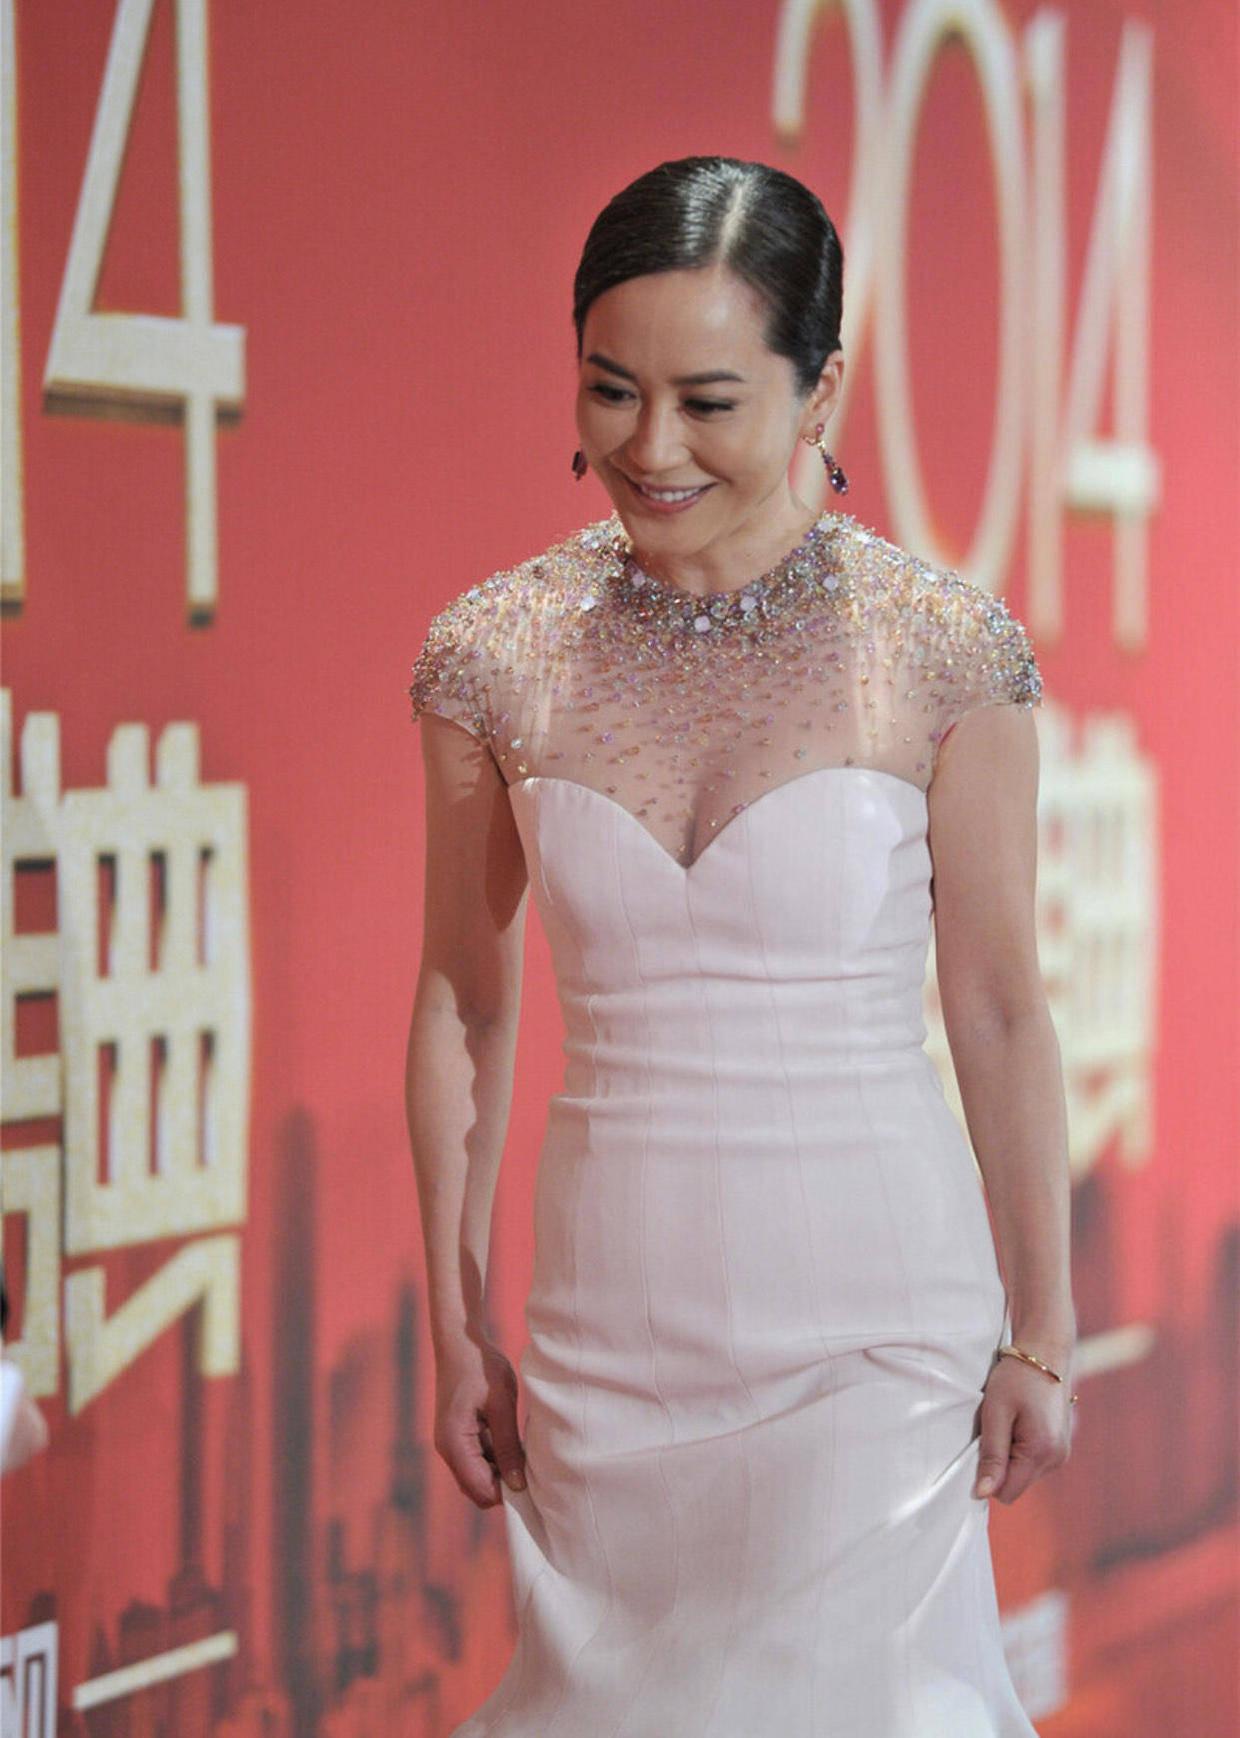 俞飞鸿的气质一般人比不了,穿白色修身连衣裙华丽高级,气场十足